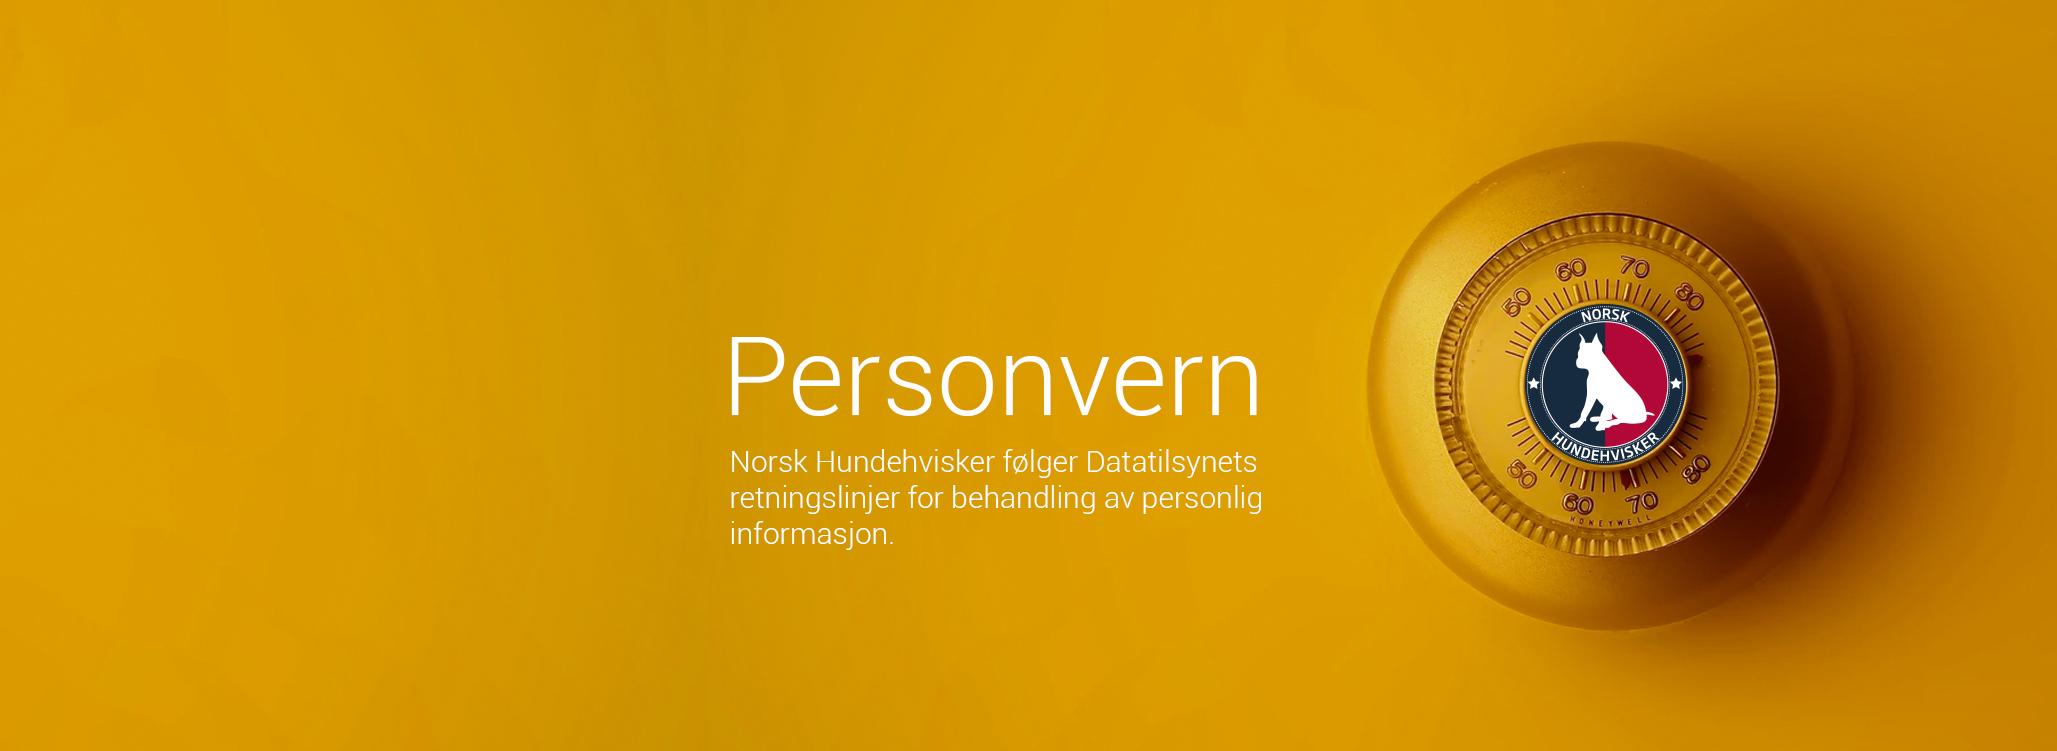 norsk hundehvisker personvern